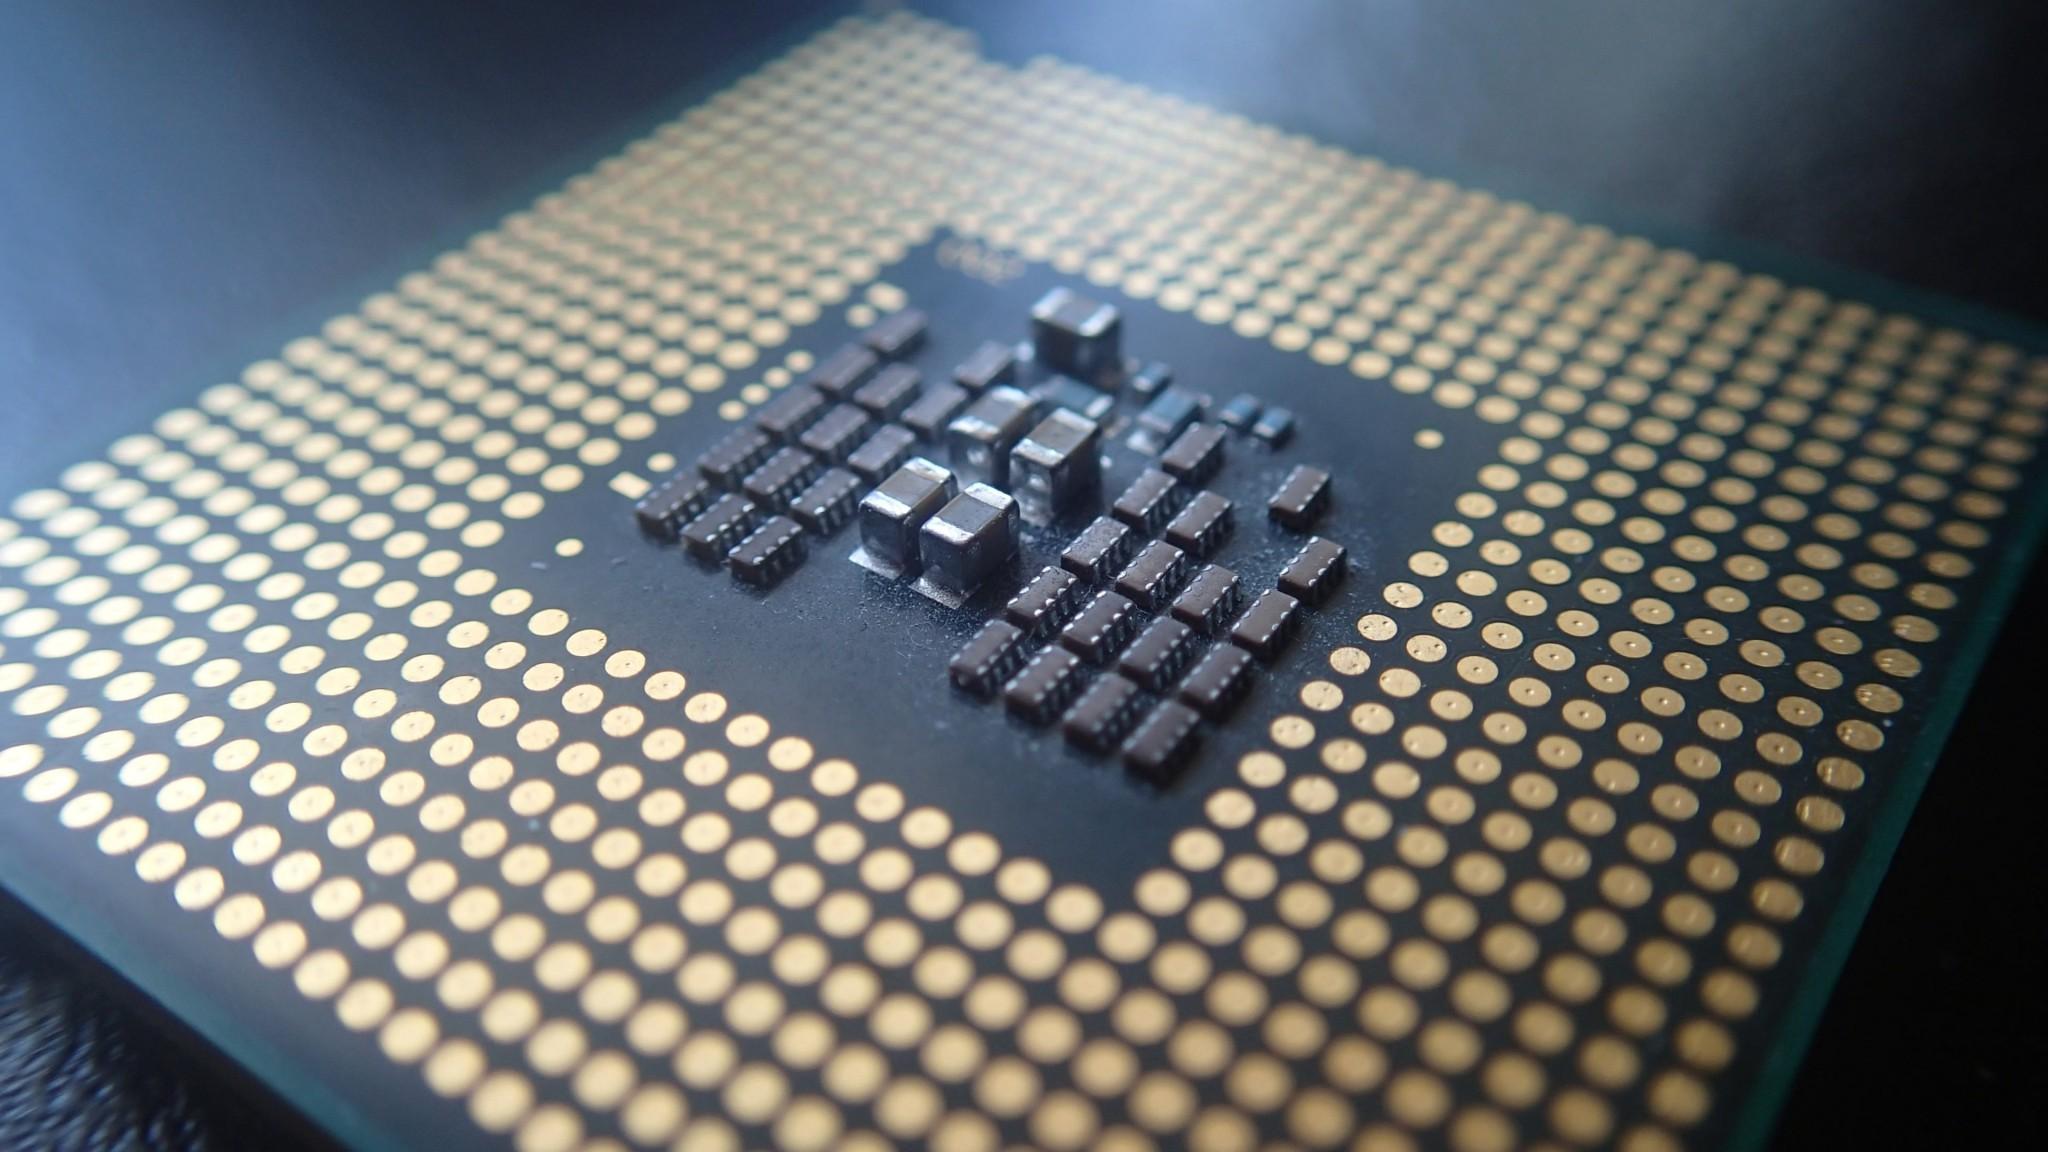 МВД отказалось от закупки отечественных компьютеров - 2